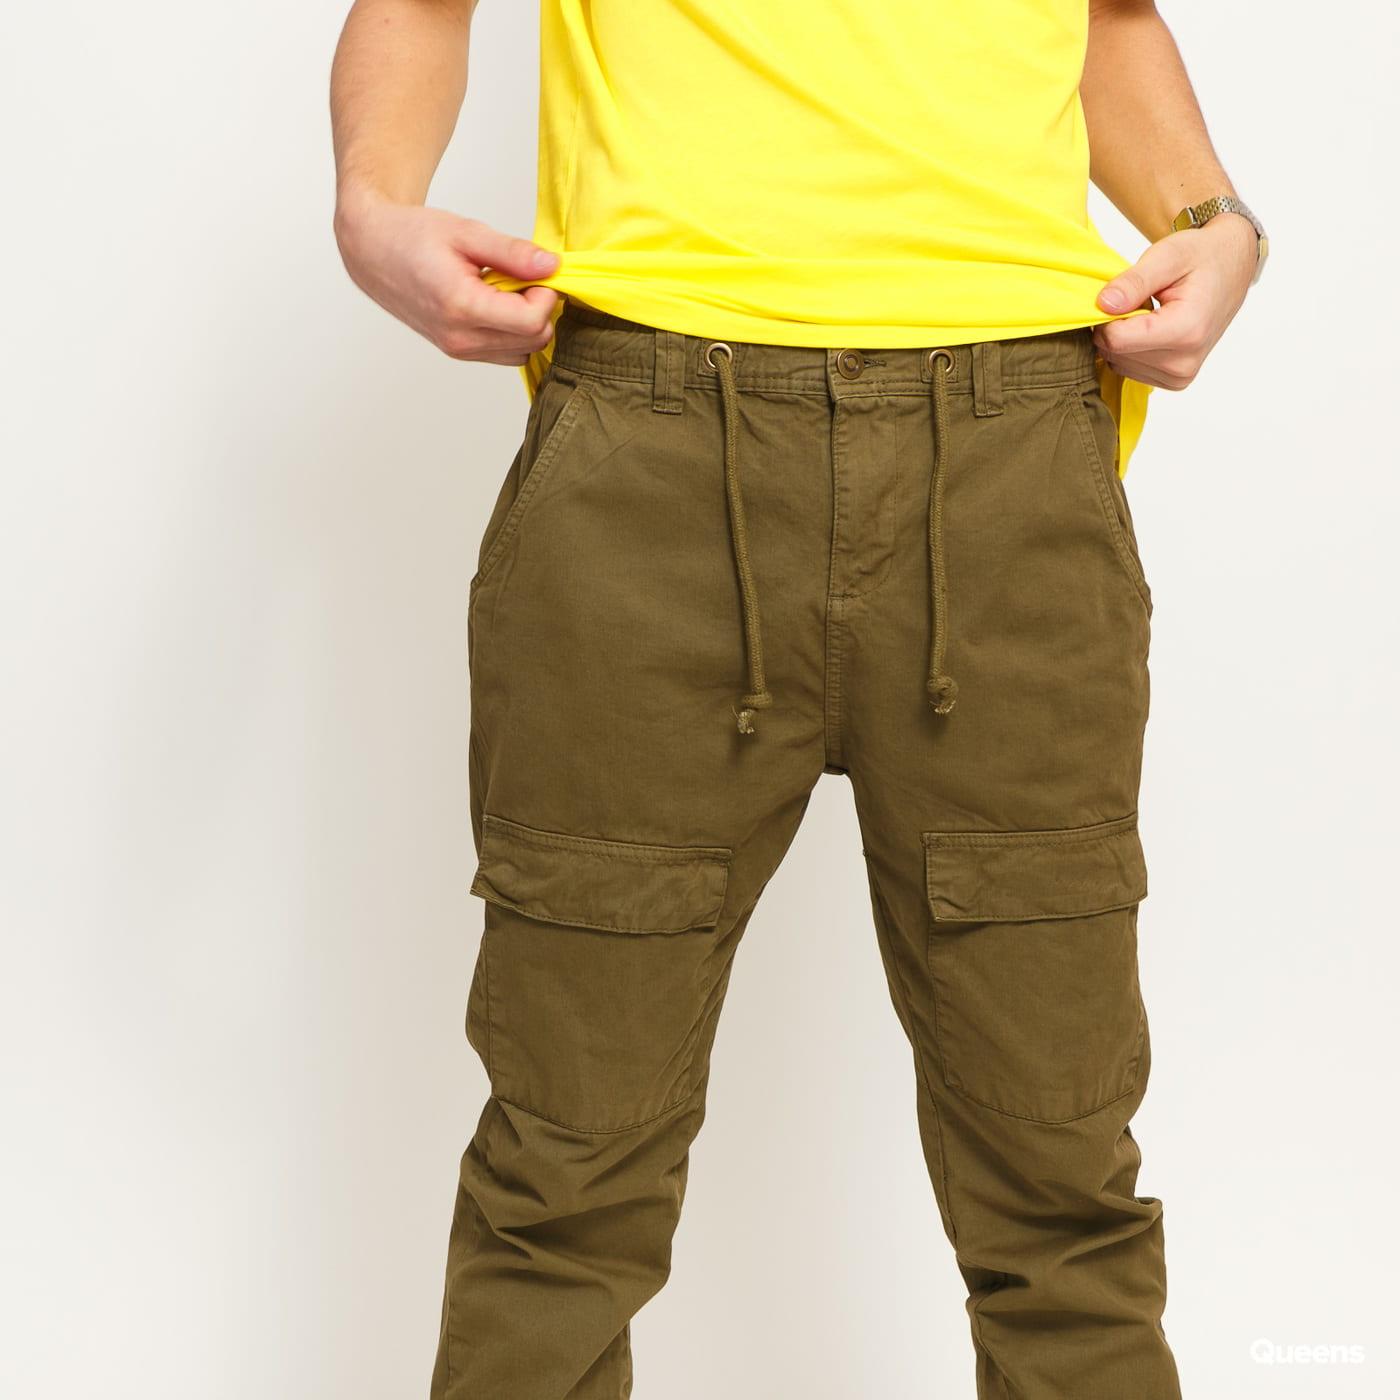 Urban Classics Front Pocket Cargo Jogging Pants olivové